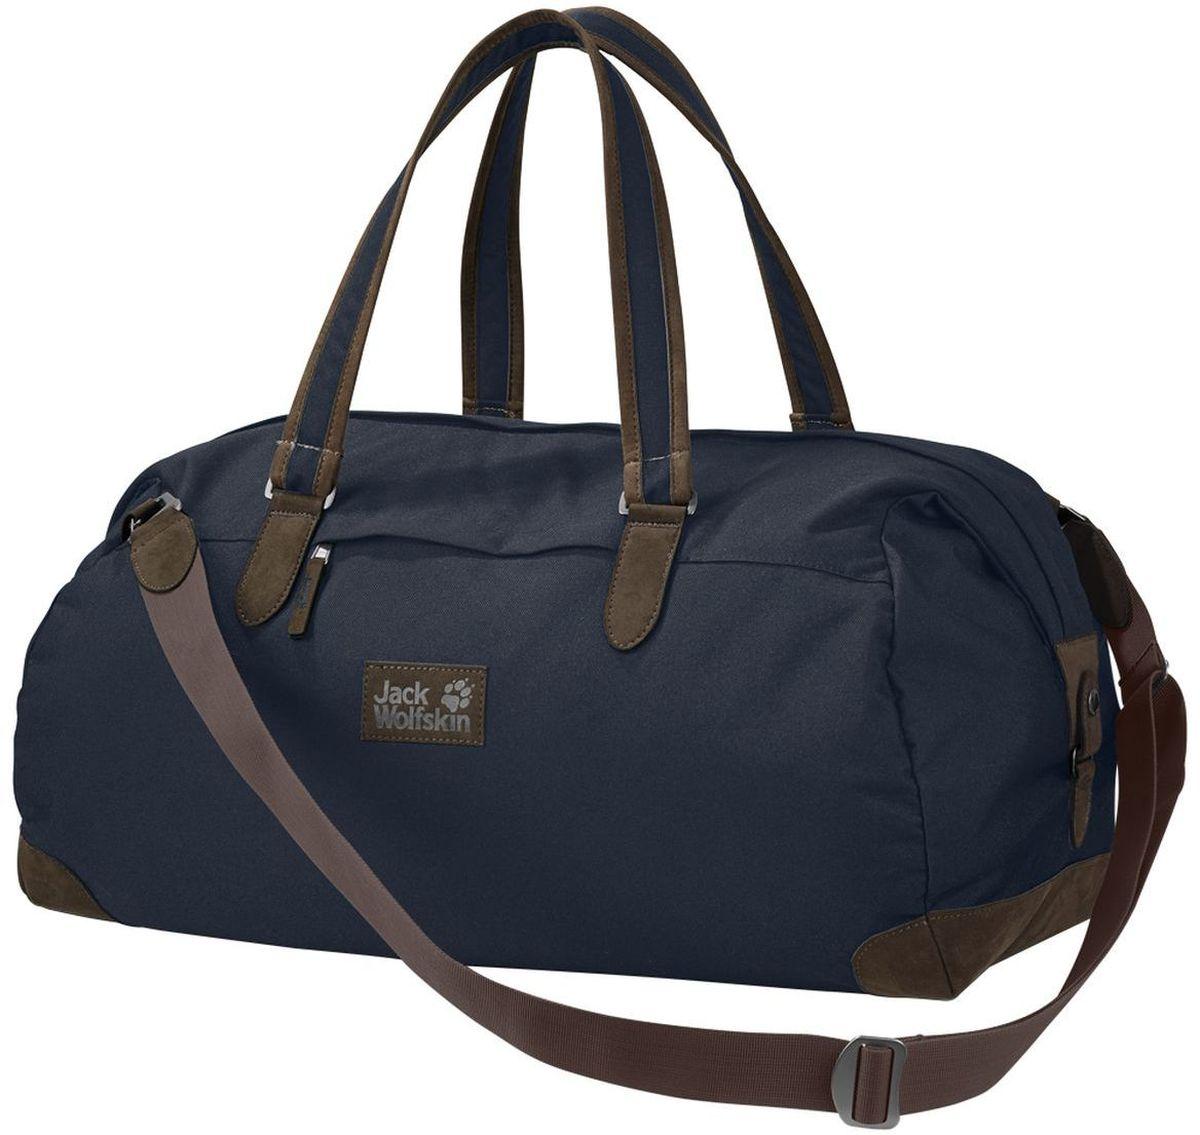 Сумка городская Jack Wolfskin Abbey Road 35, цвет: темно-синий, 35 л2005391-1010Небольшая сумка для путешествий и коротких поездок